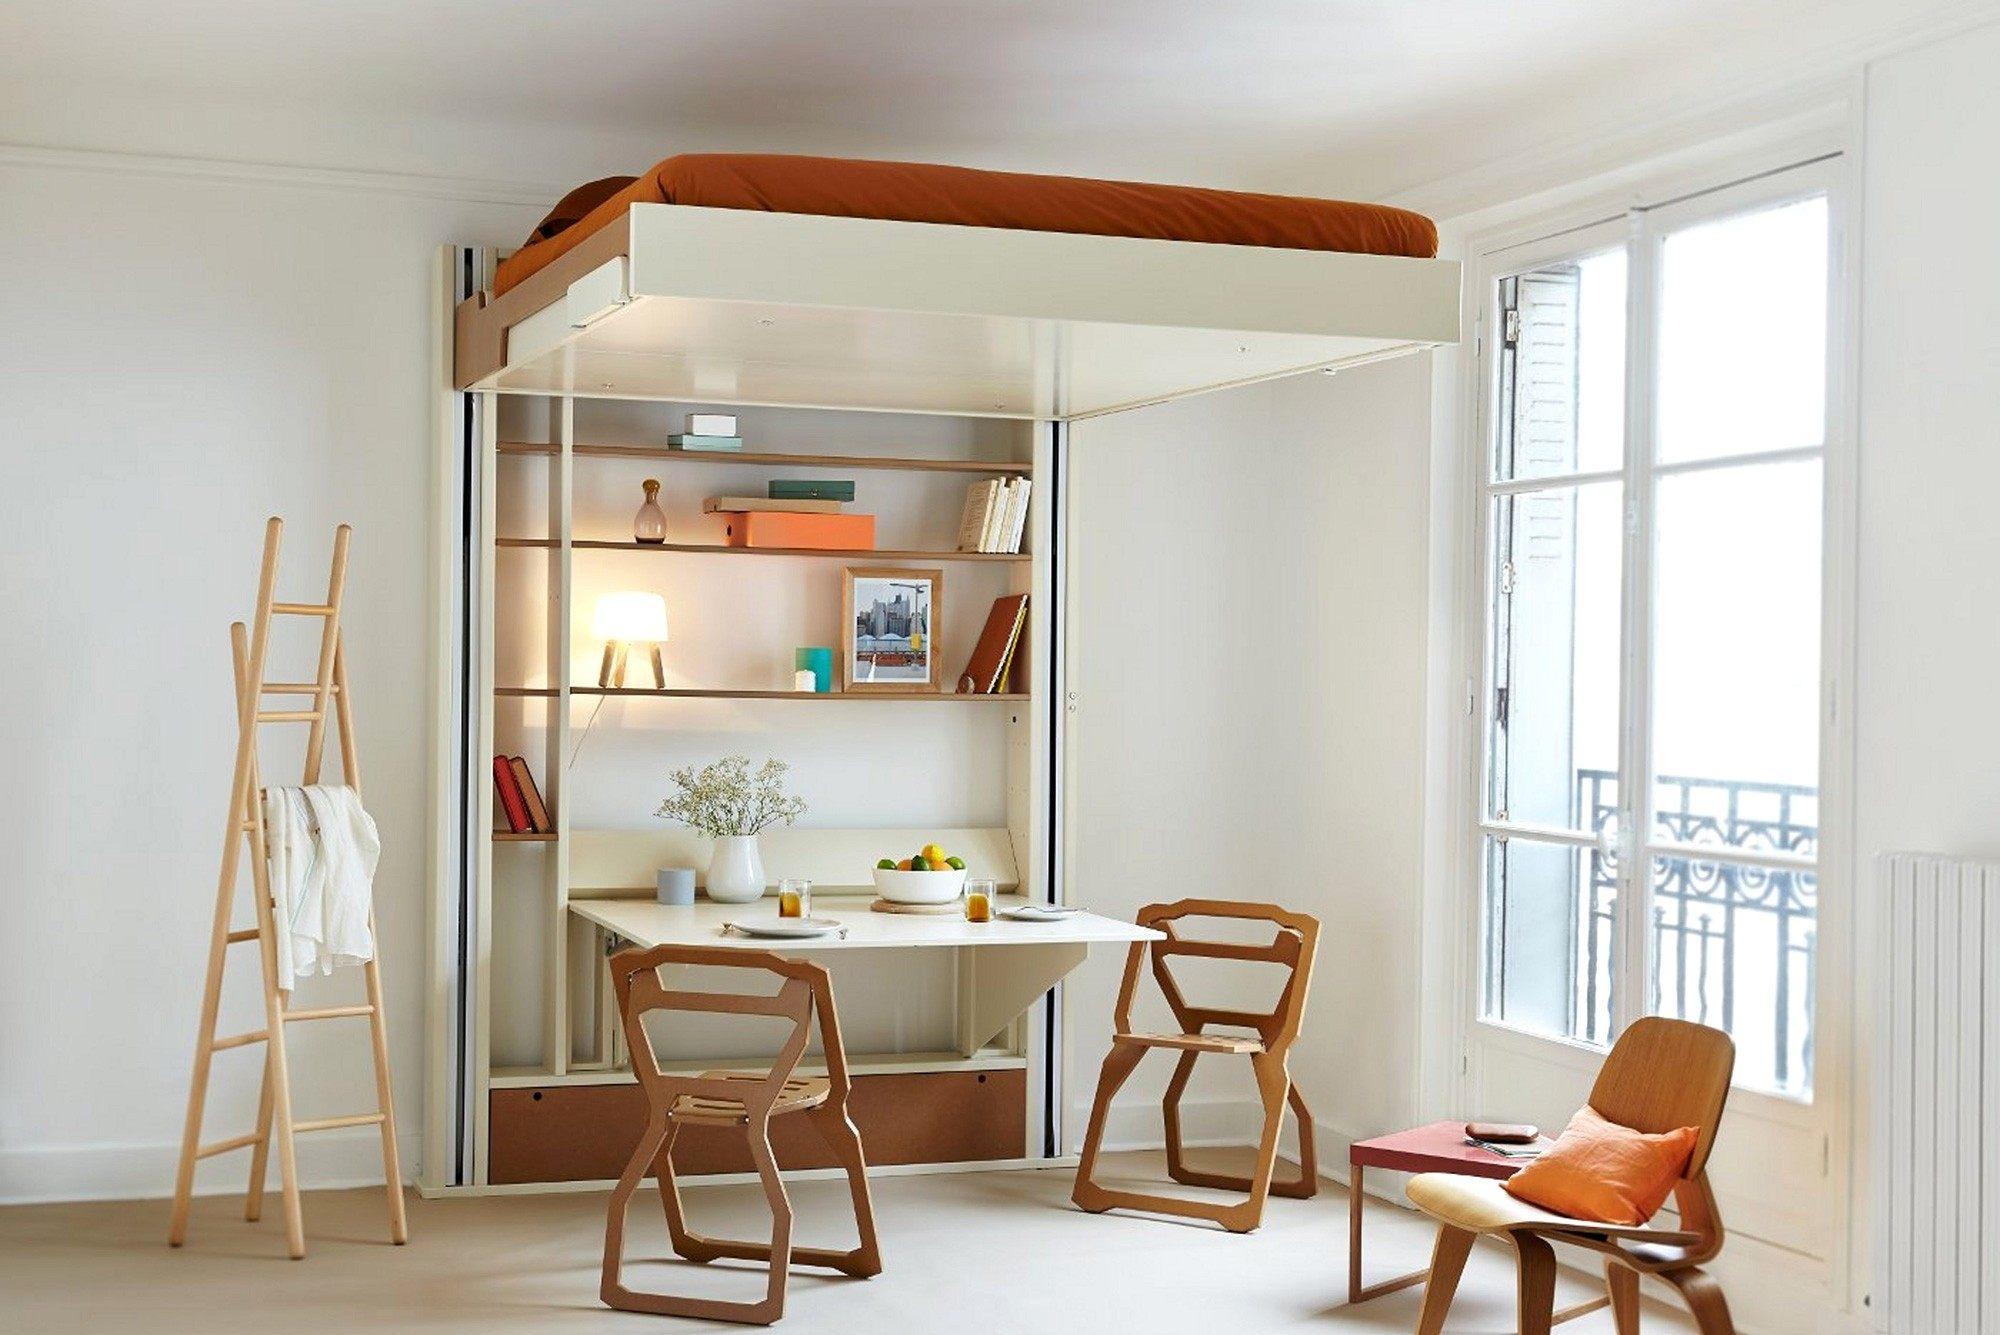 Canapé Convertible Lit Agréable Adorable Lit Canapé Escamotable Avec Bureau Retractable Bureau